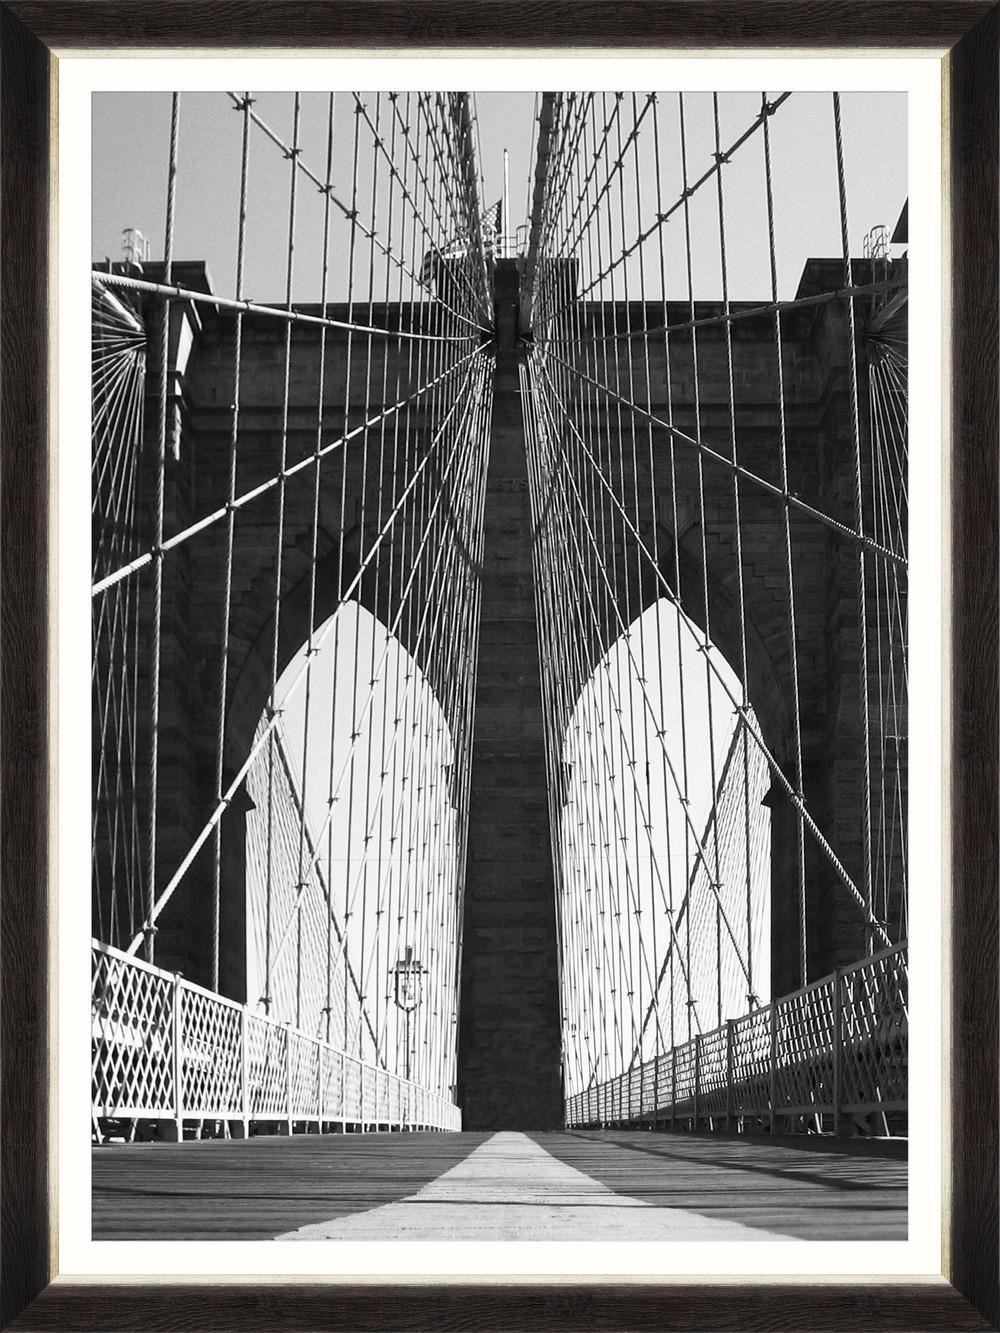 Tablou Framed Art American Industrial III imagine